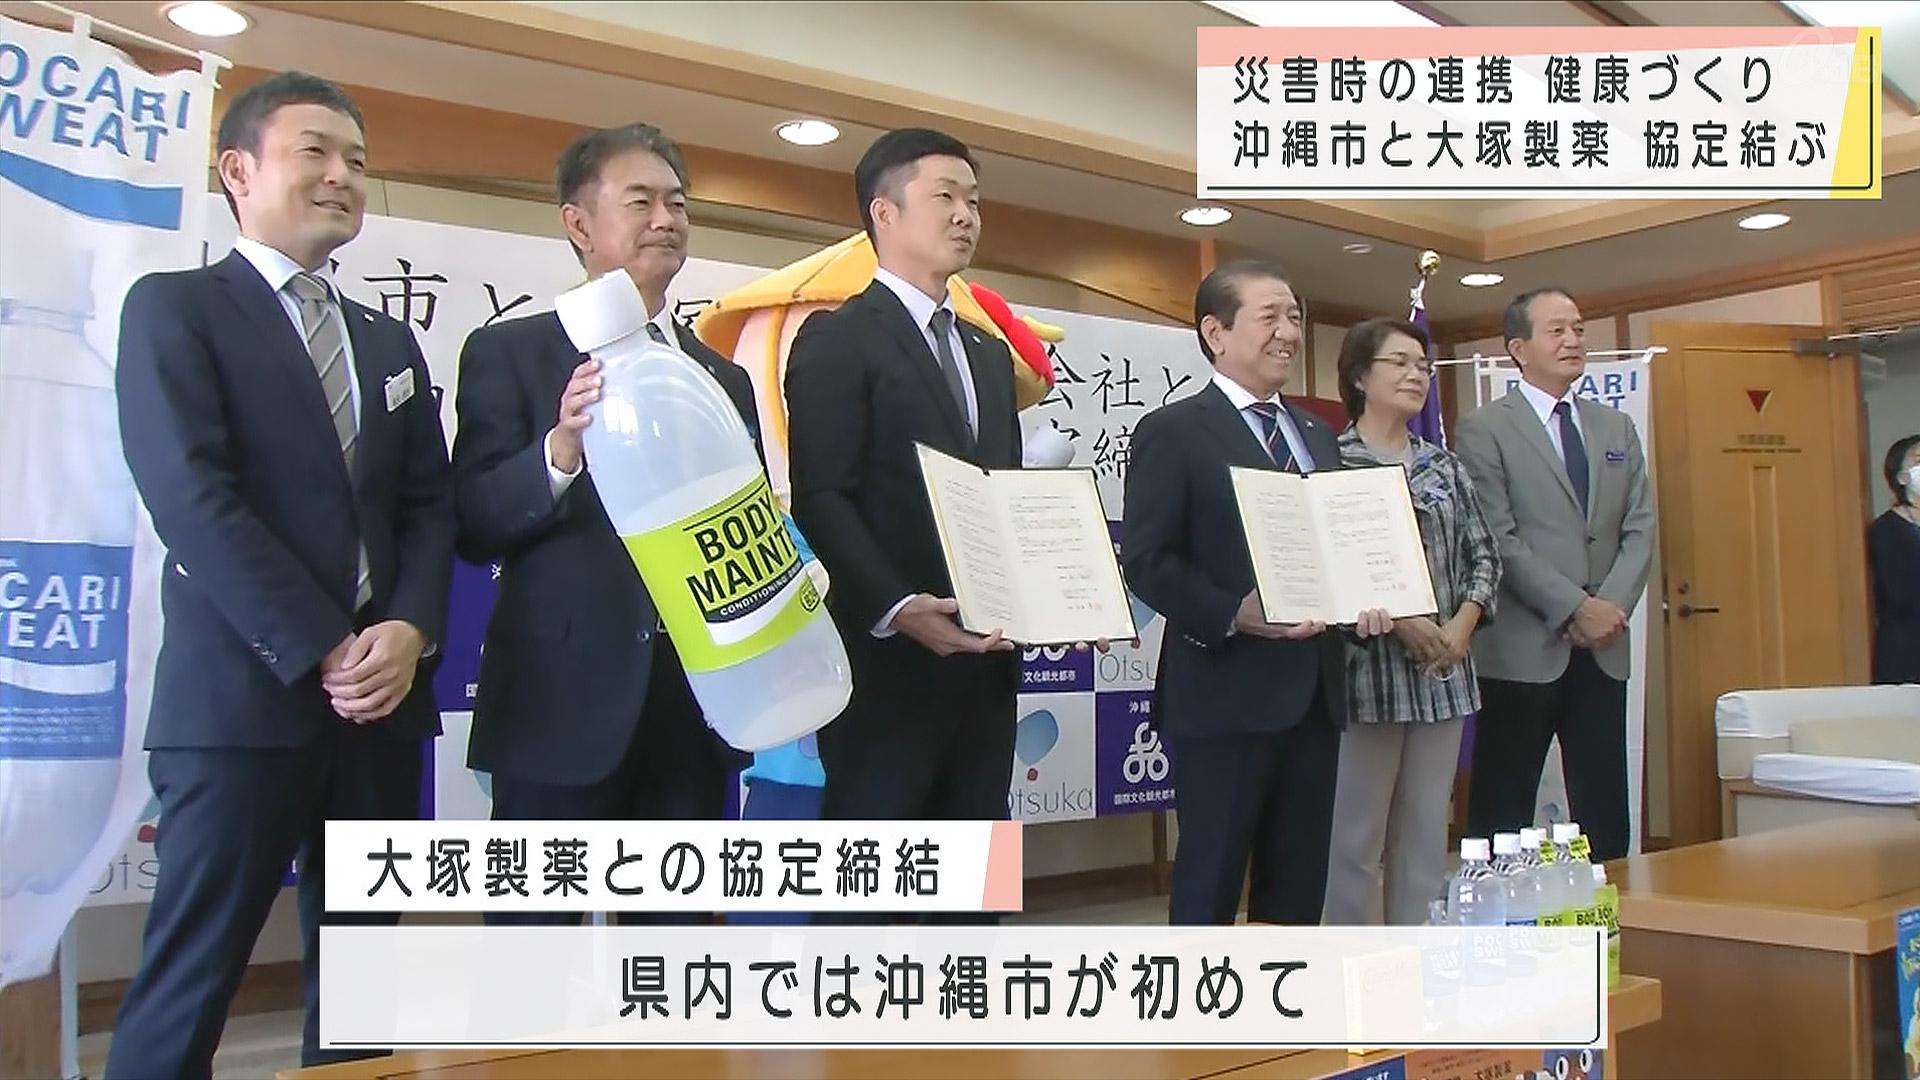 災害時の連携 健康づくりで沖縄市と大塚製薬が協定